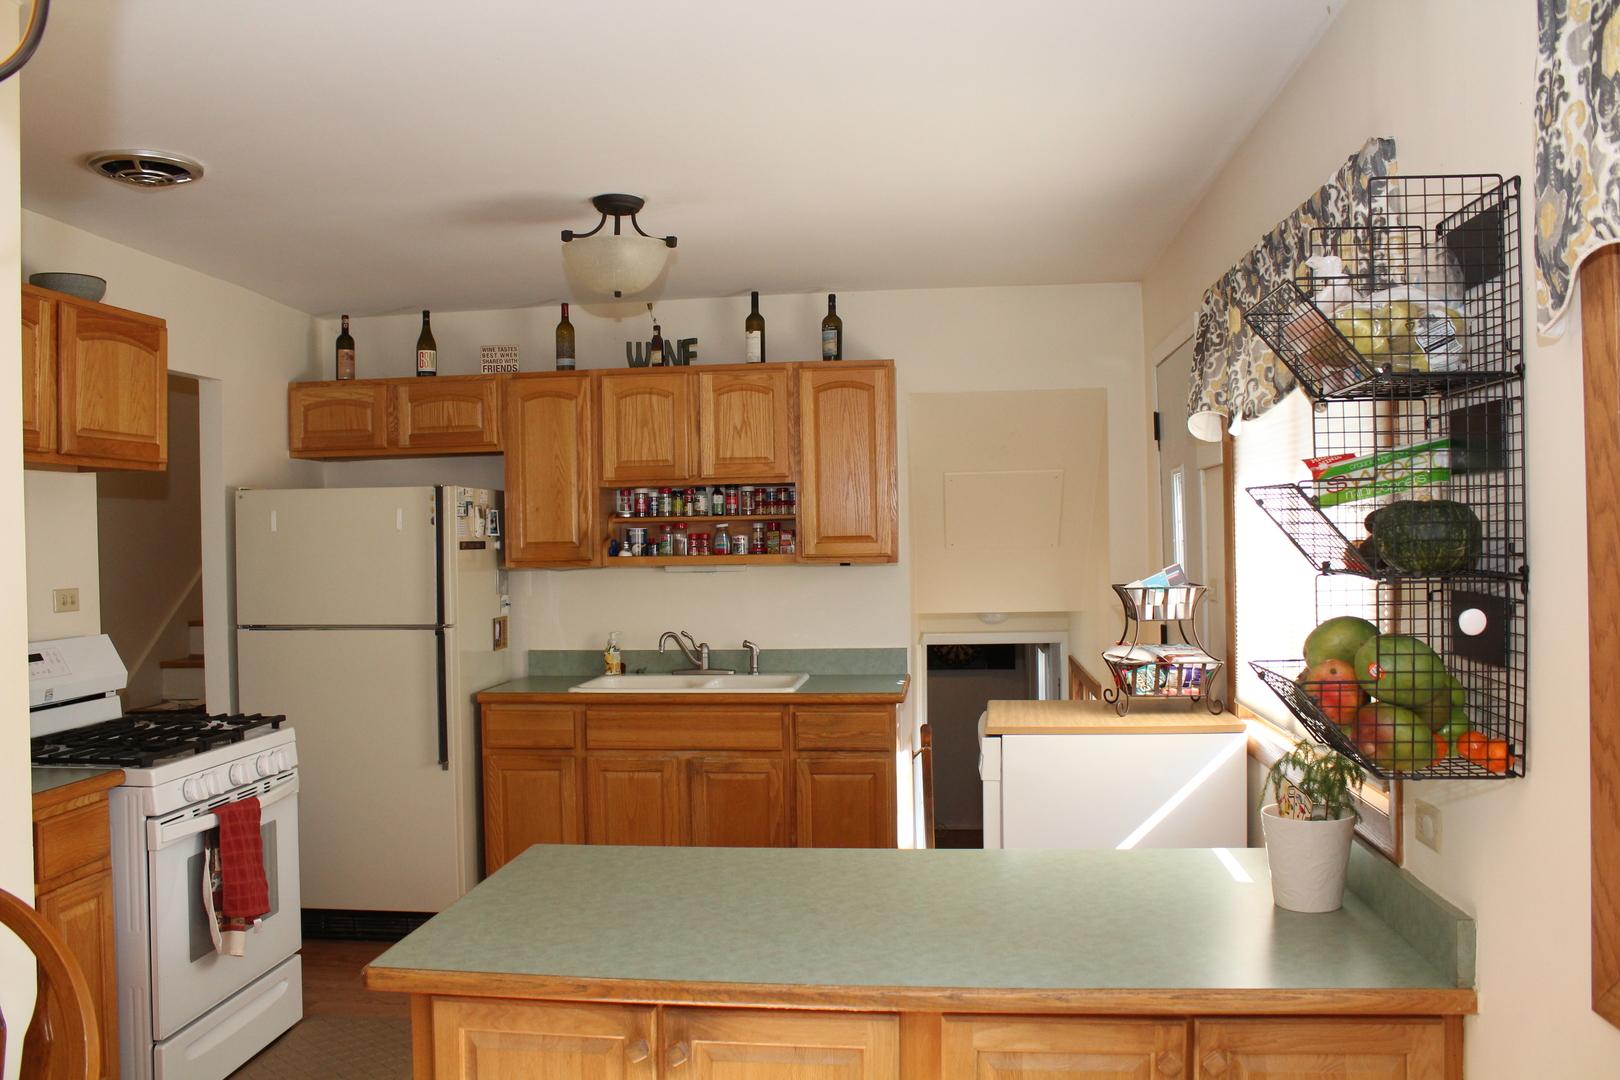 685 Flagstaff, Hoffman Estates, Illinois, 60169